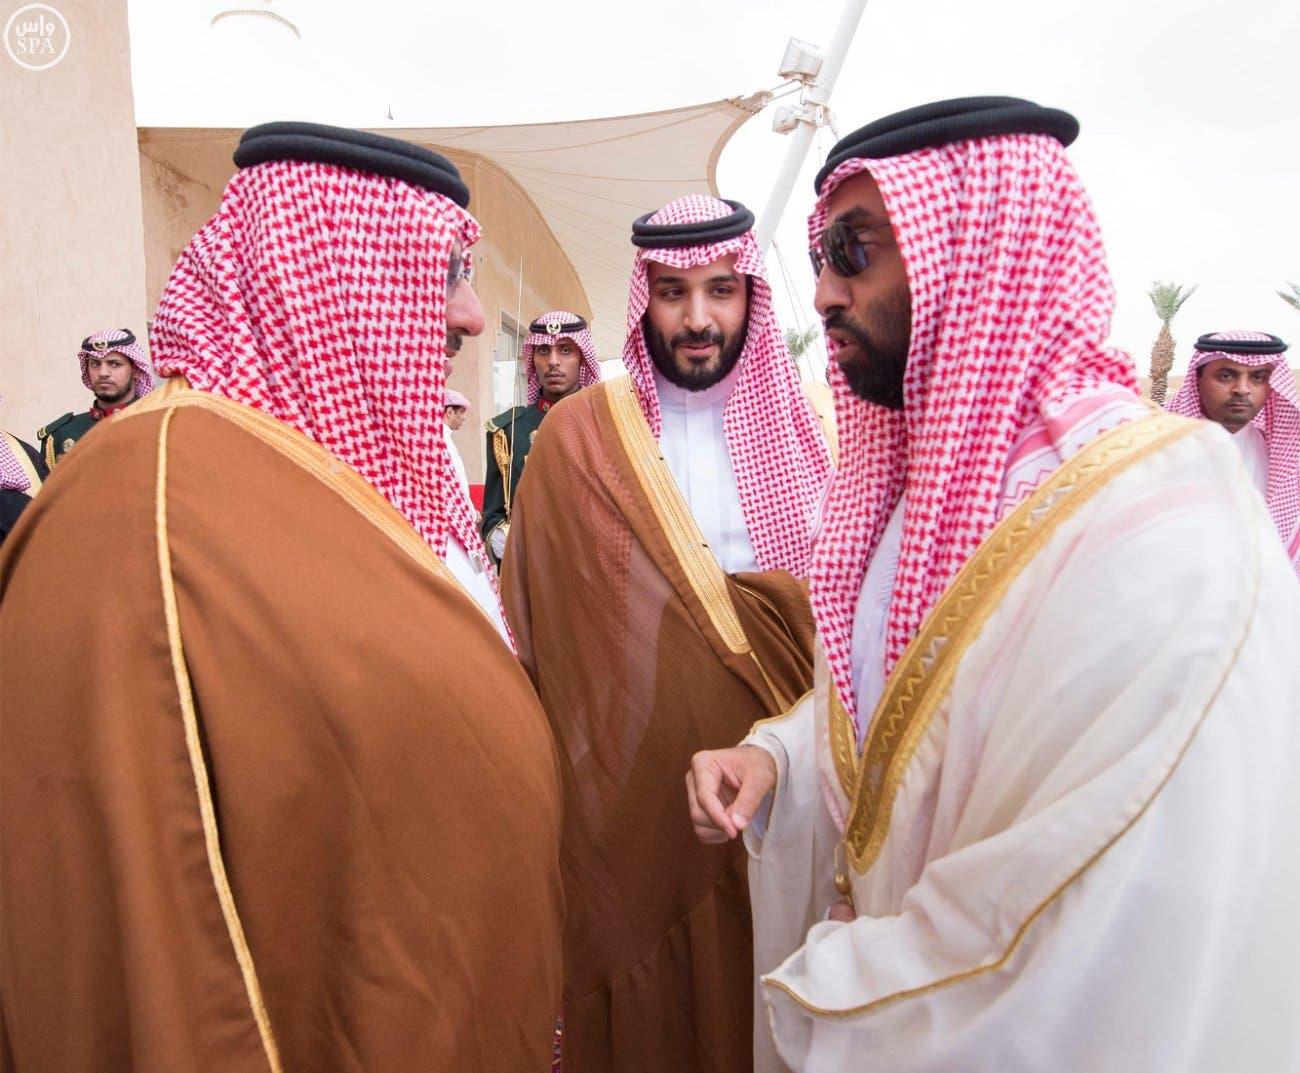 دعوة خليجية إلى سرعة انعقاد الحوار اليمني في الرياض Ae754585-baf8-4c7b-9369-1faeaed40fab